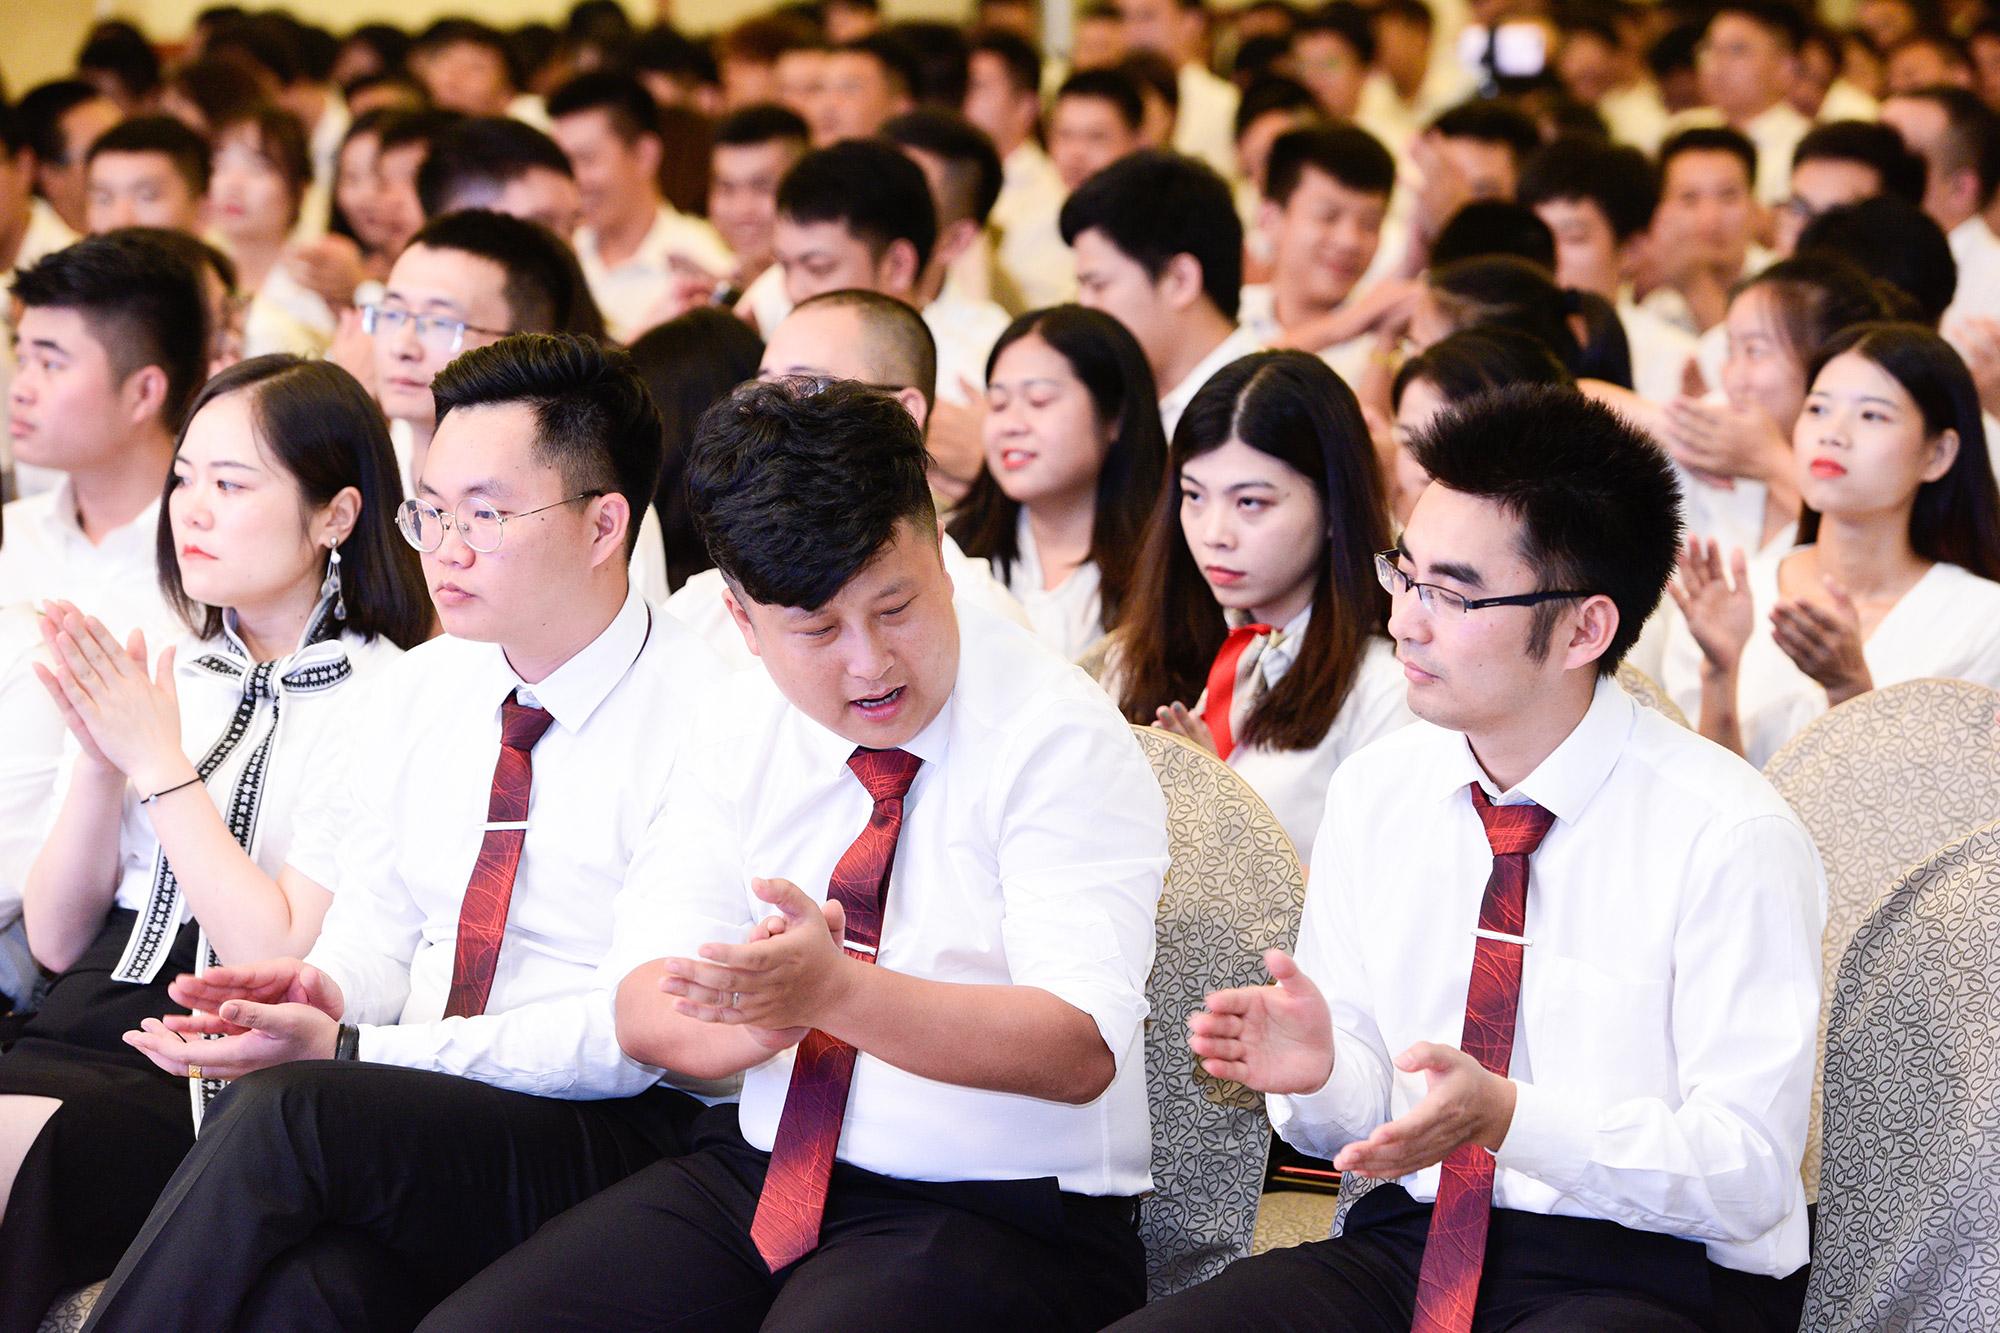 新疆阿凡提自由行在2019自由行旅游高峰论坛上亮